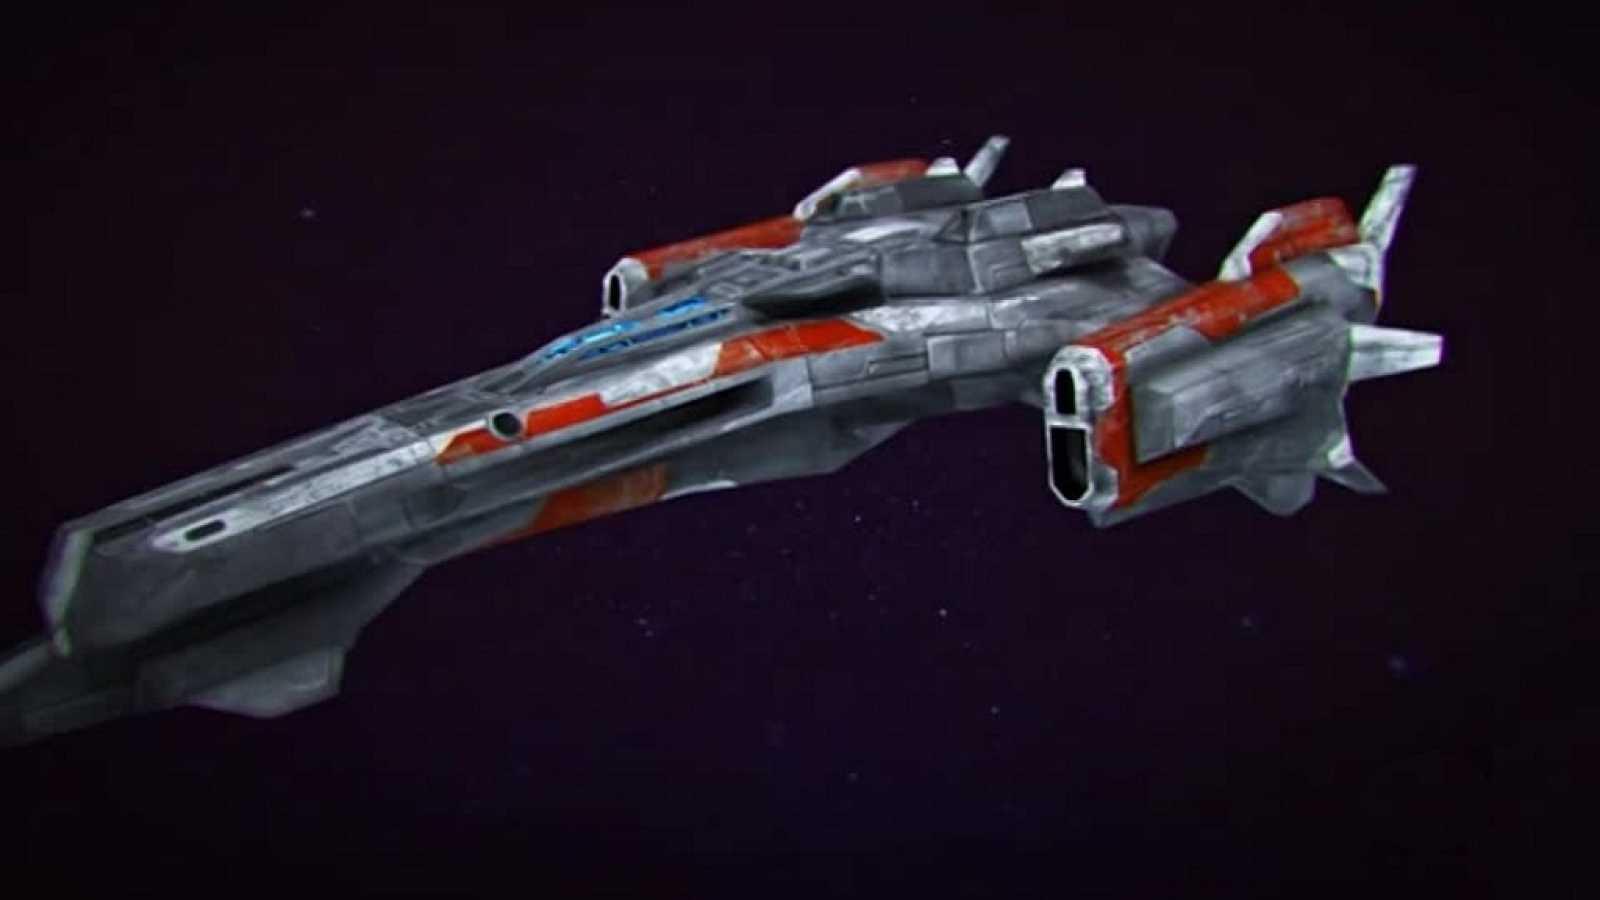 Oficiorama - Programa 13: Colonizador del espacio, clonador de especies extintas, creador de inteligencia artificial - ver ahora